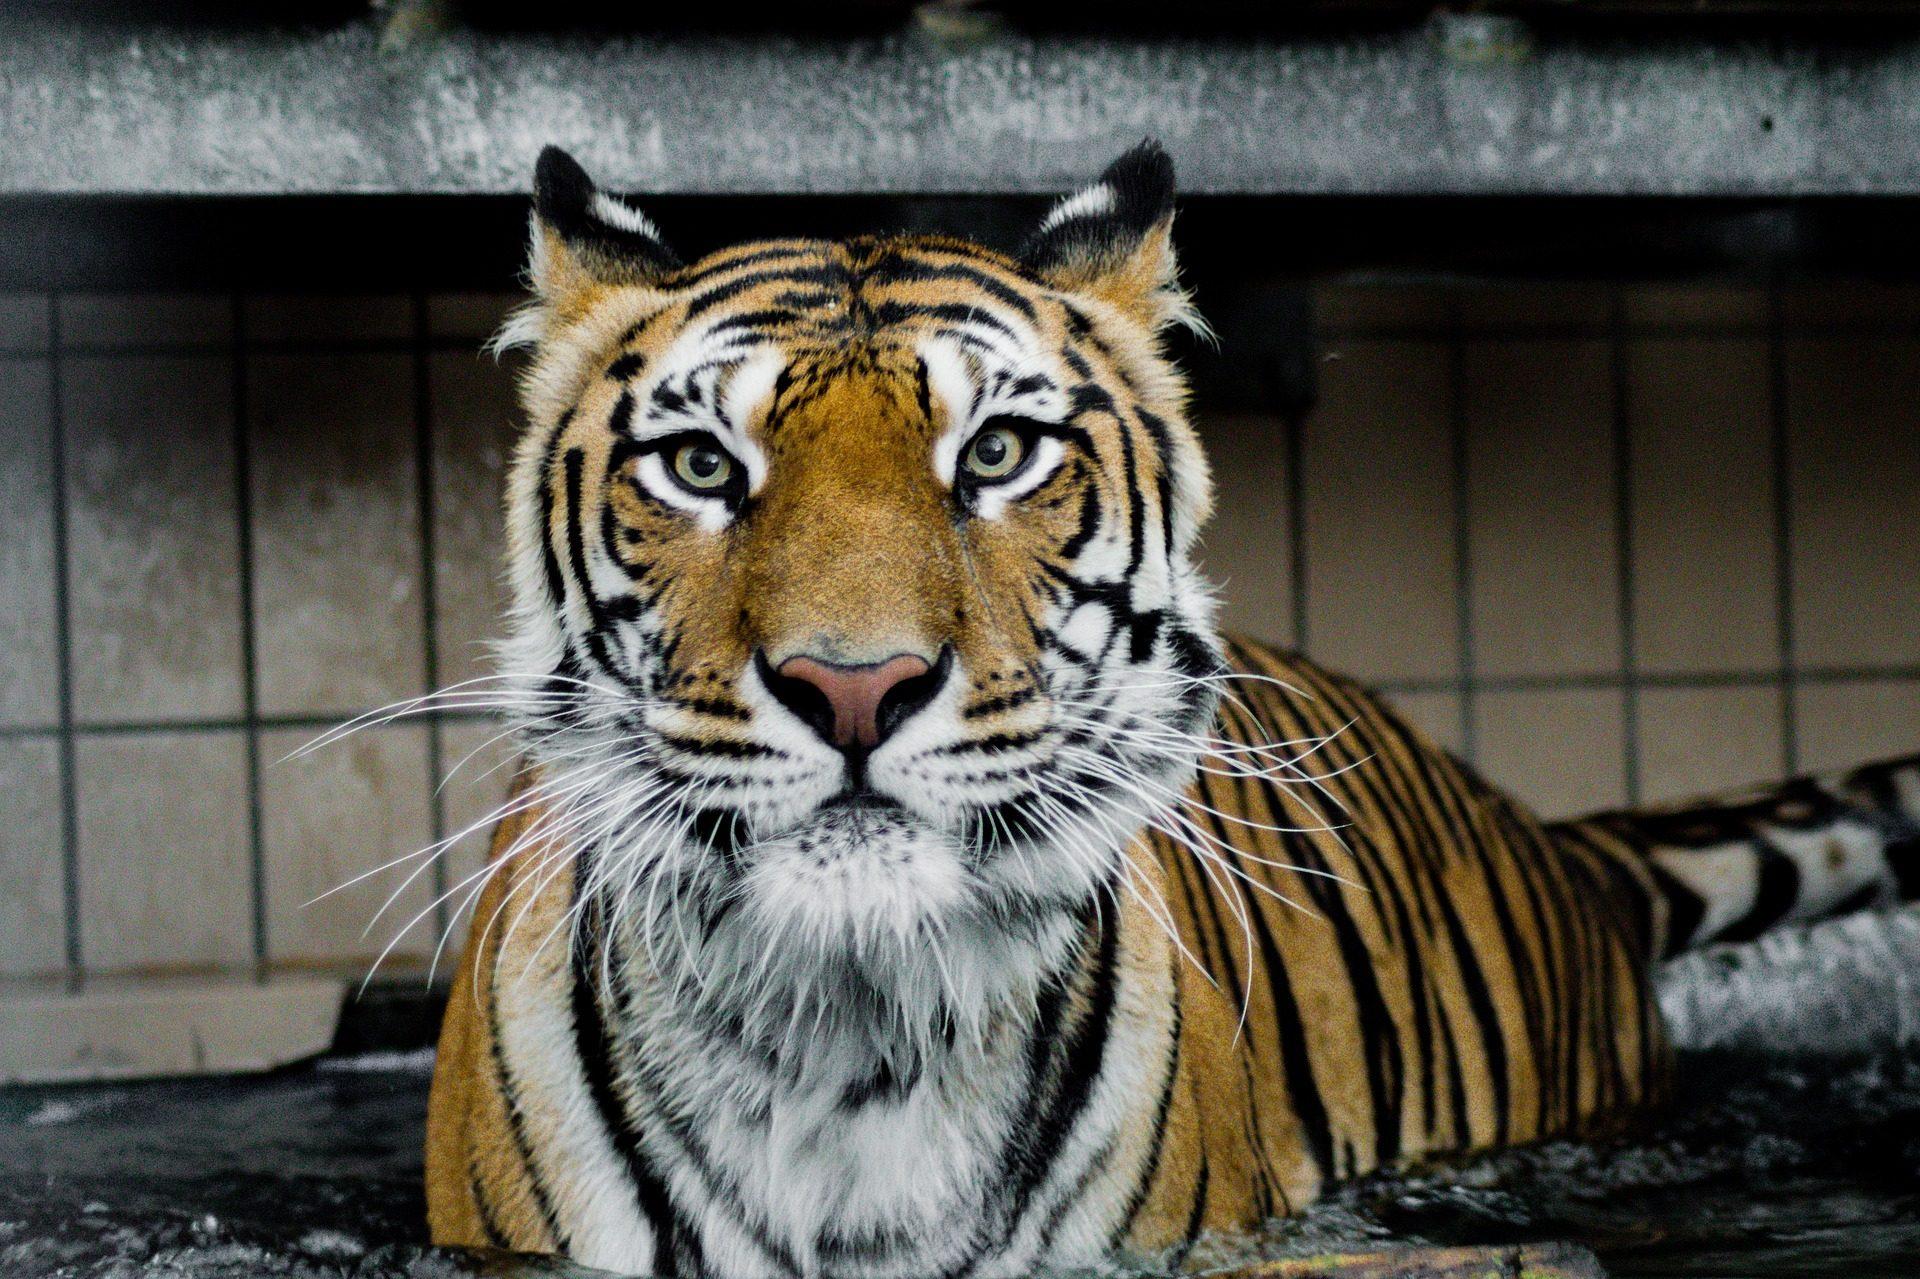 老虎, 西伯利亚, 条纹, pelajo, 看看, 猫科动物, 捕食者 - 高清壁纸 - 教授-falken.com